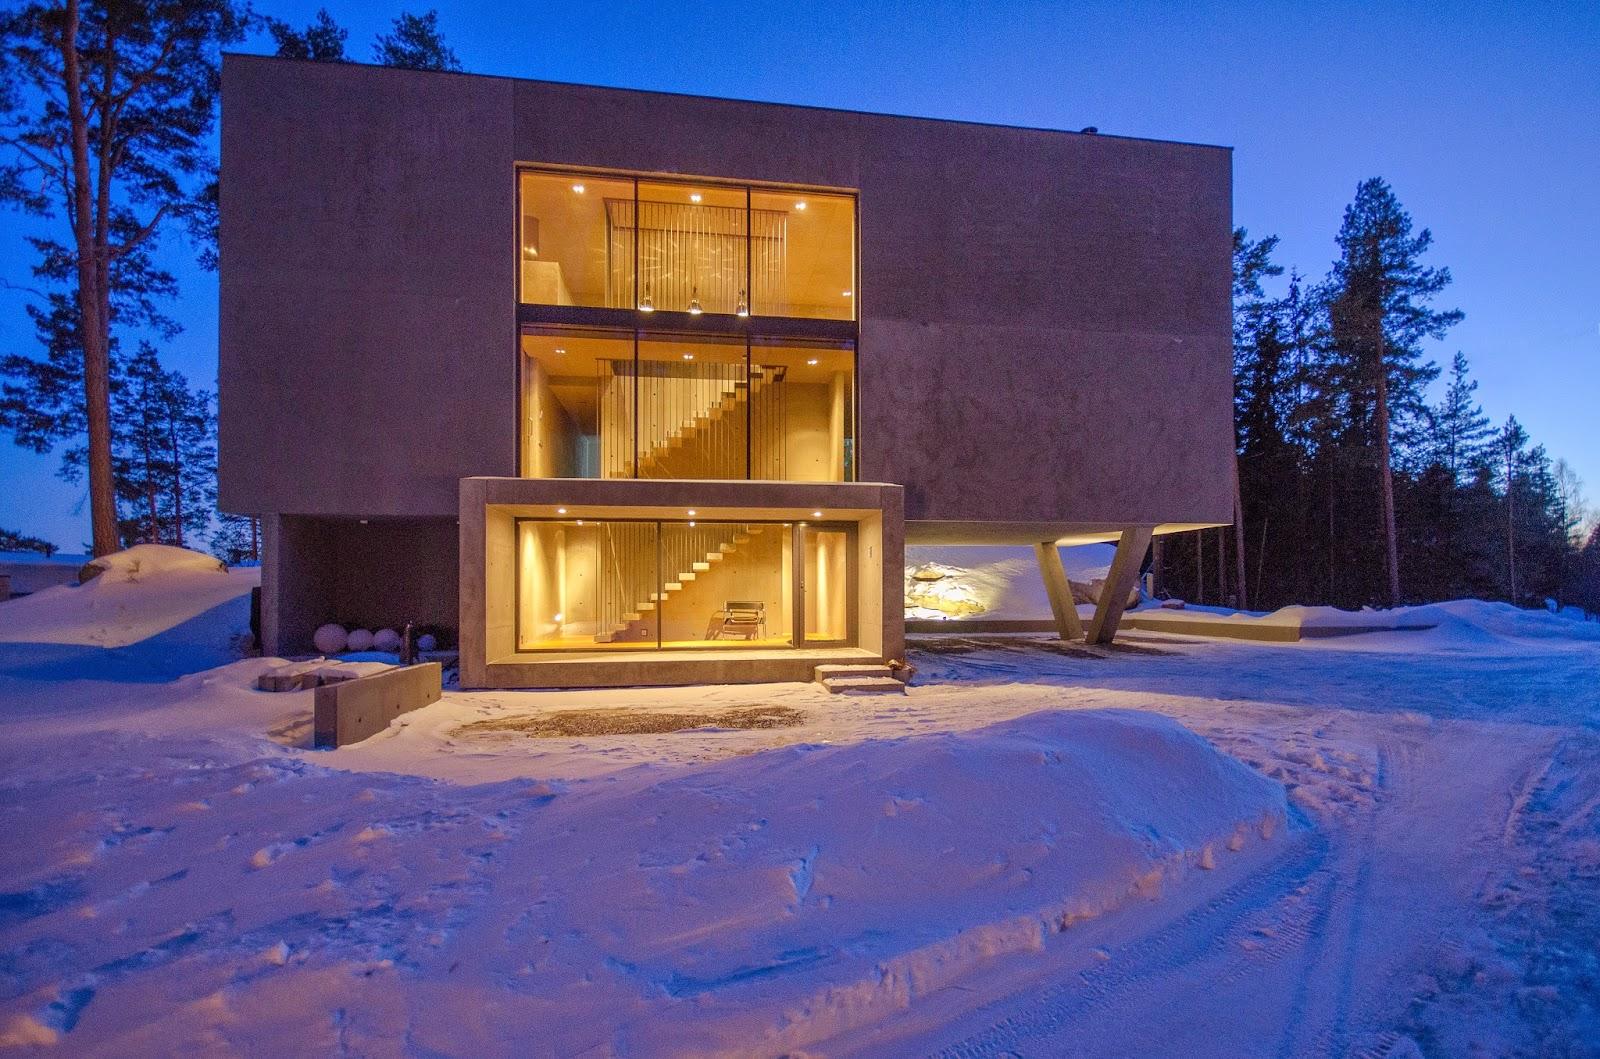 Dieses betonhaus ist das ergebnis einer starken vision der architekten und hausbesitzer und belegt daß rauer beton richtig kombiniert ruhig und gemütlich